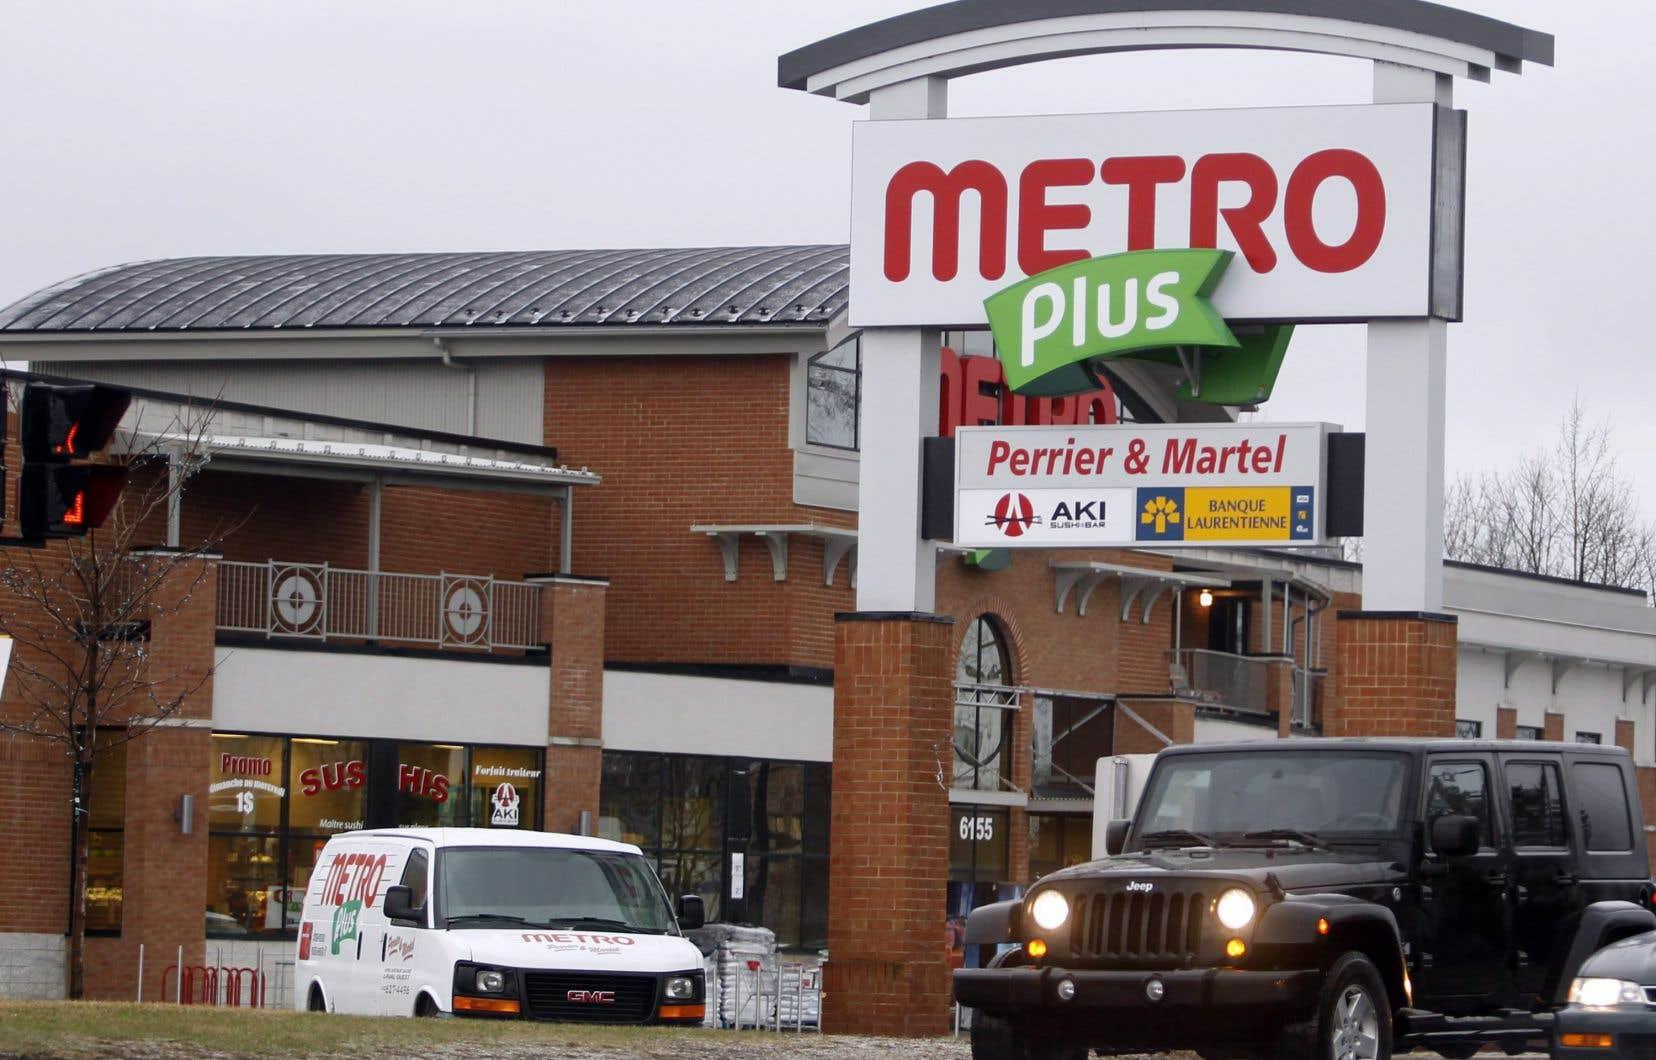 Les caisses libre-service sont déjà installées dans plus de 100 magasins Metro et l'entreprise prévoit d'ajouter cette technologie dans 100 autres magasins.